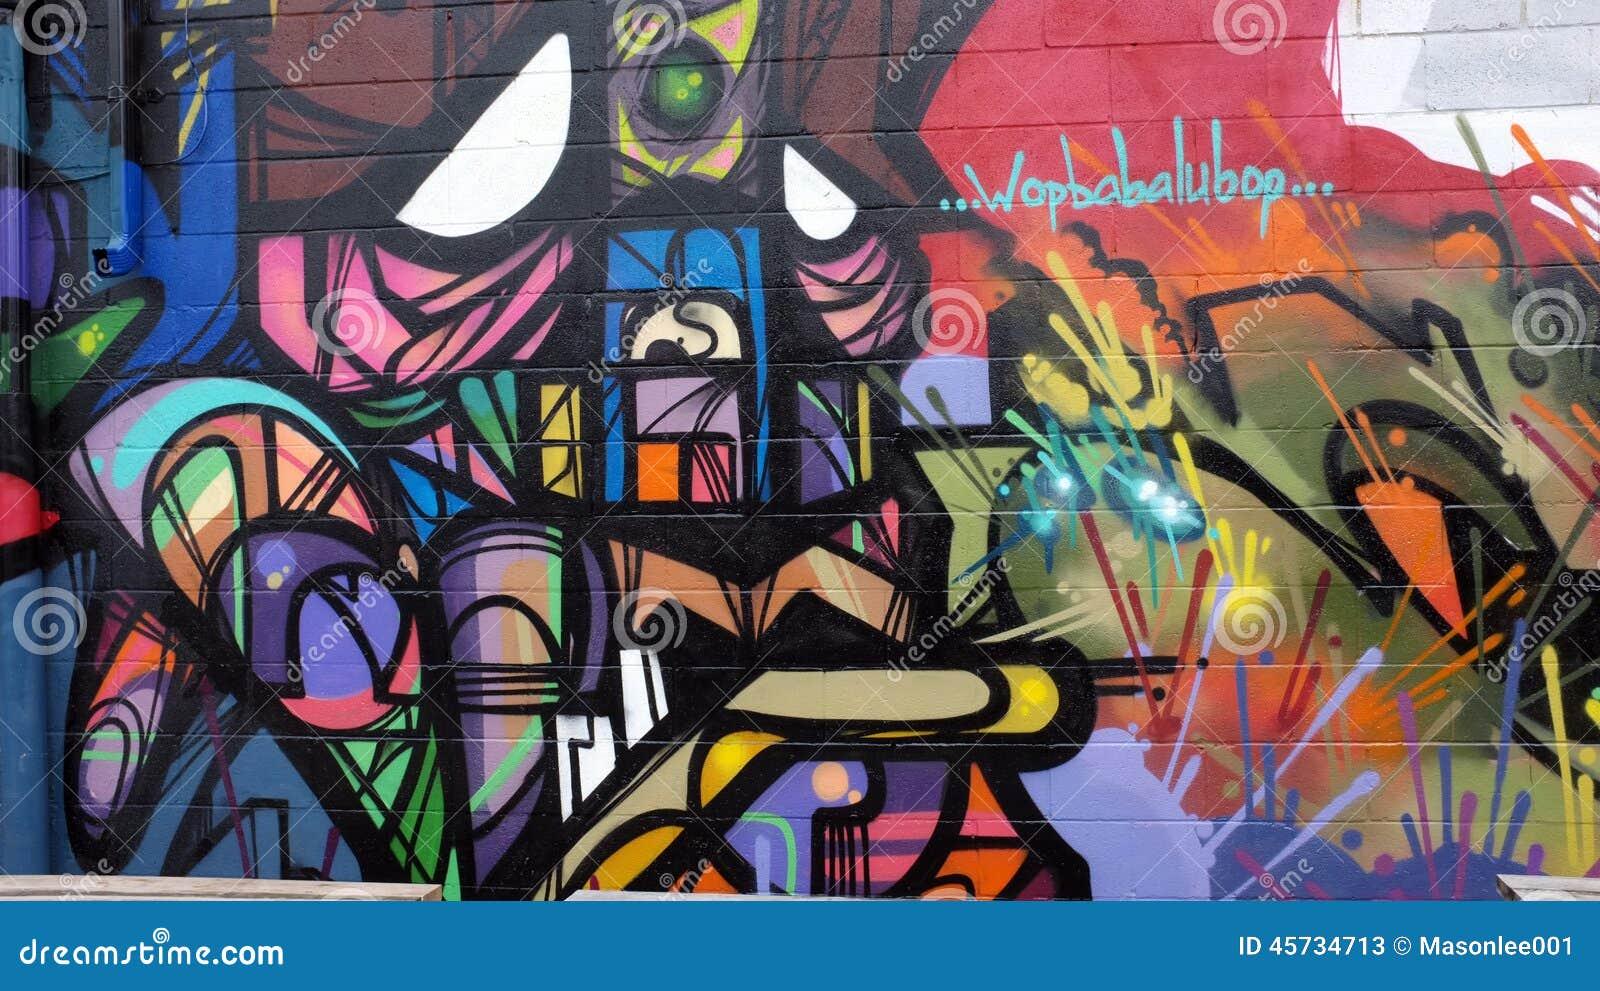 Graffiti wall toronto downtown - Aboriginal Beauttiful Canada Downtown Graffiti